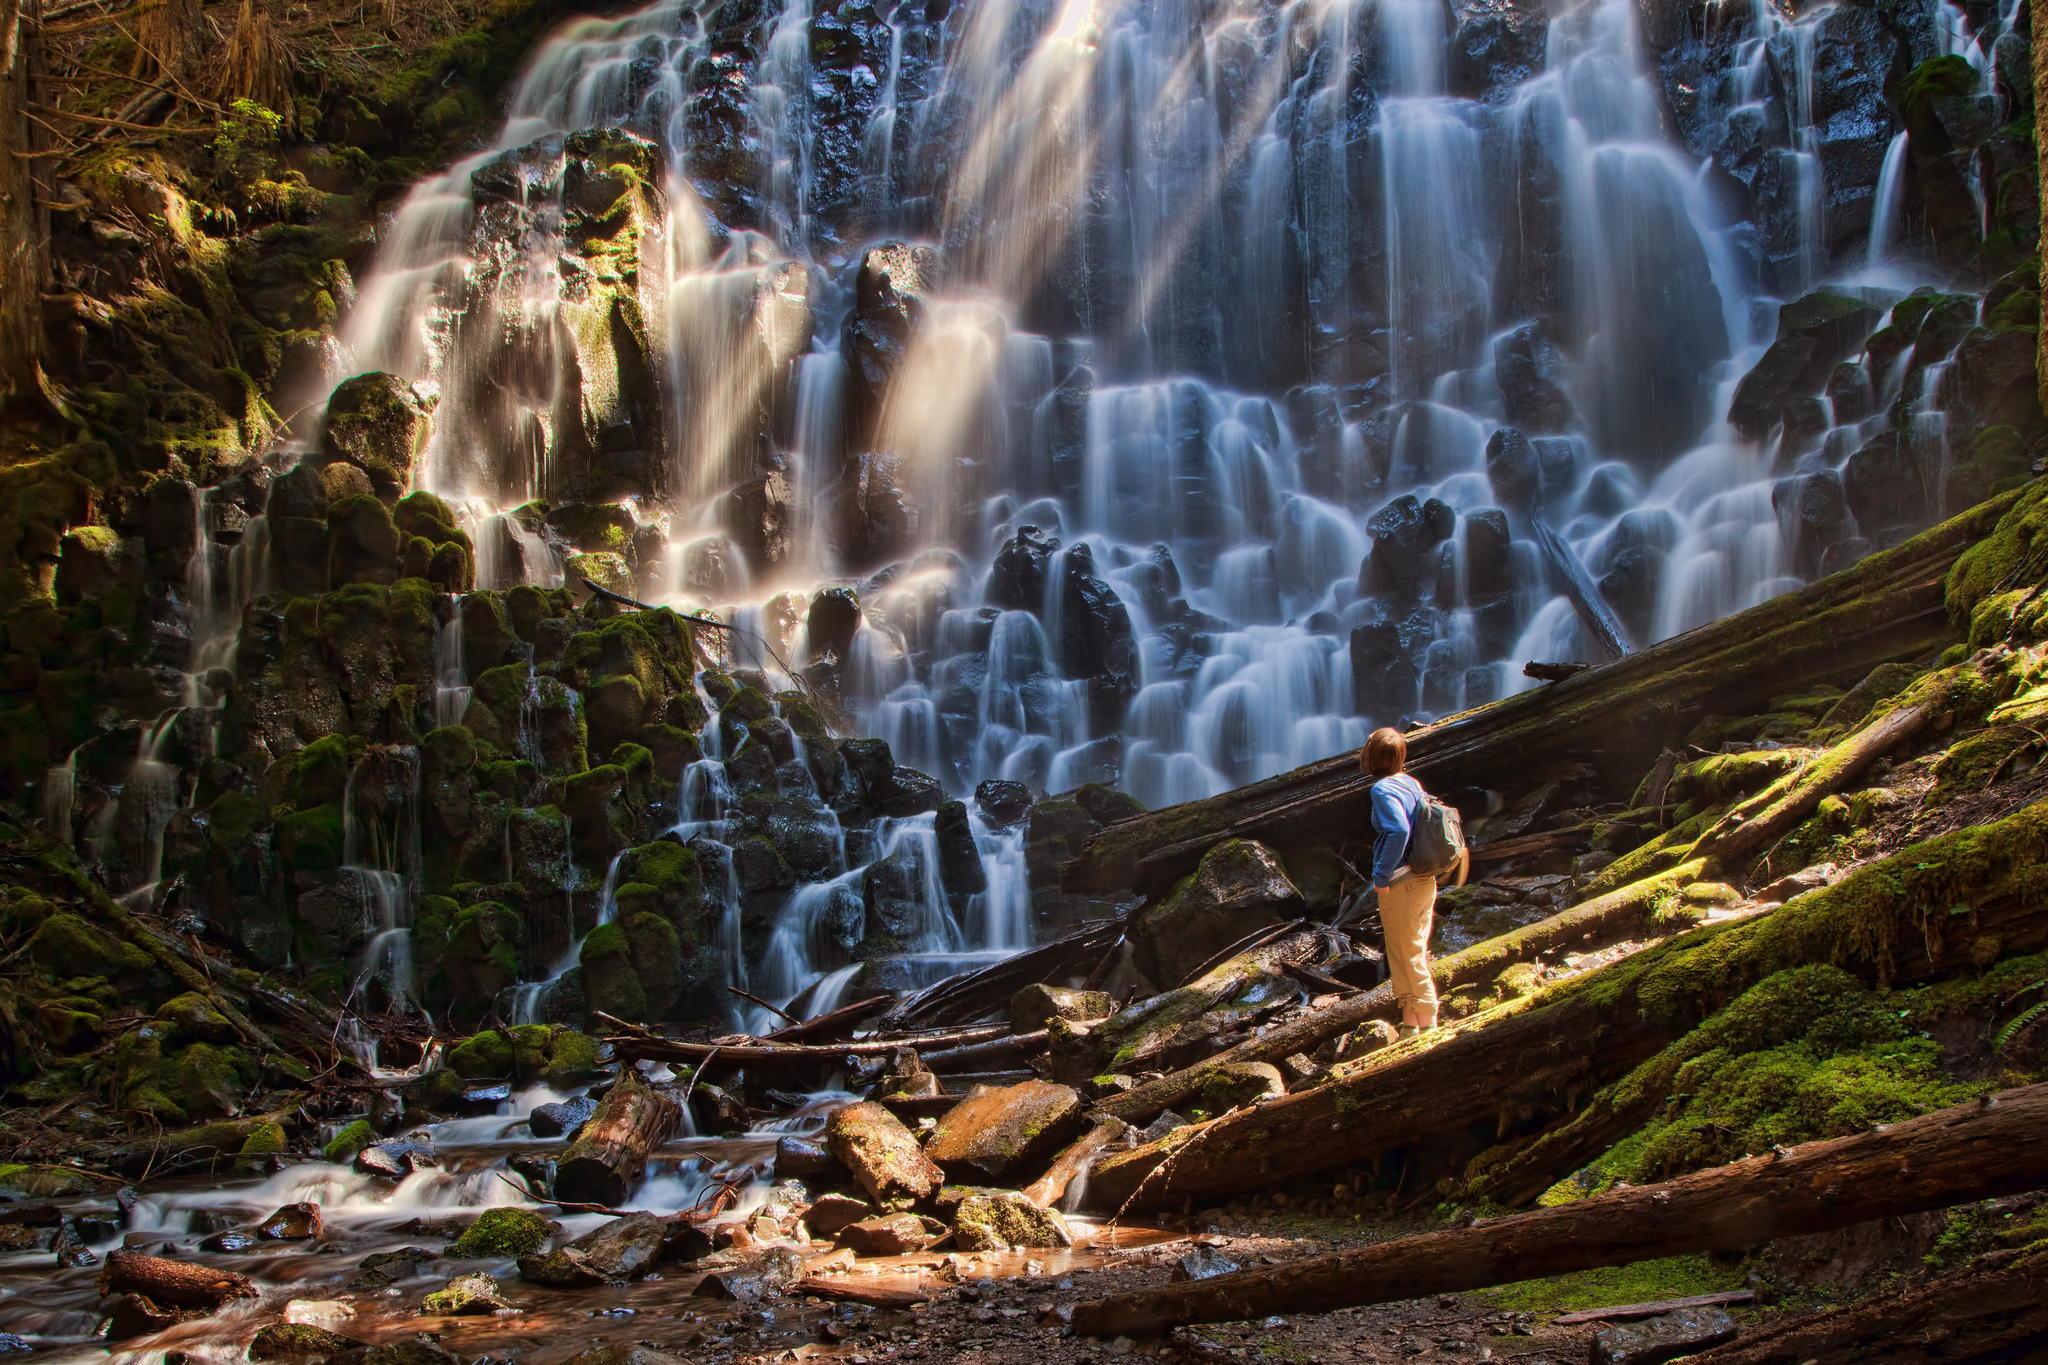 в чем фотографироваться на водопадах монтажа